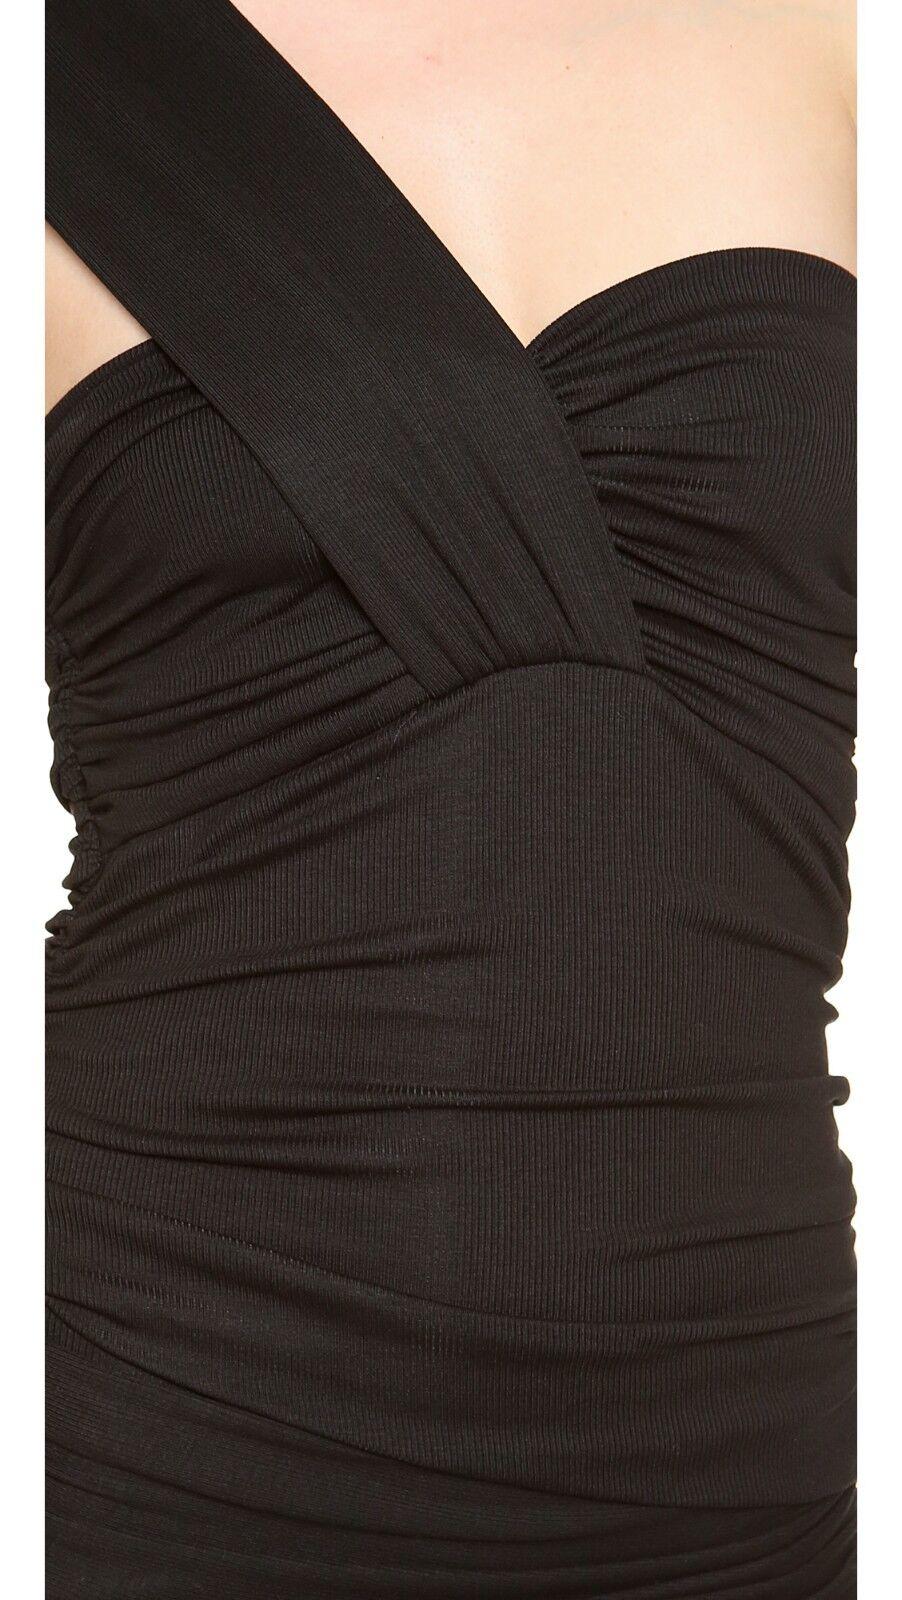 TORN BY RONNY KOBO & & & 039;Stav& 039; Negro De Un Hombro Vestido Talla S Nuevo Con Etiquetas  310 7a5e8a